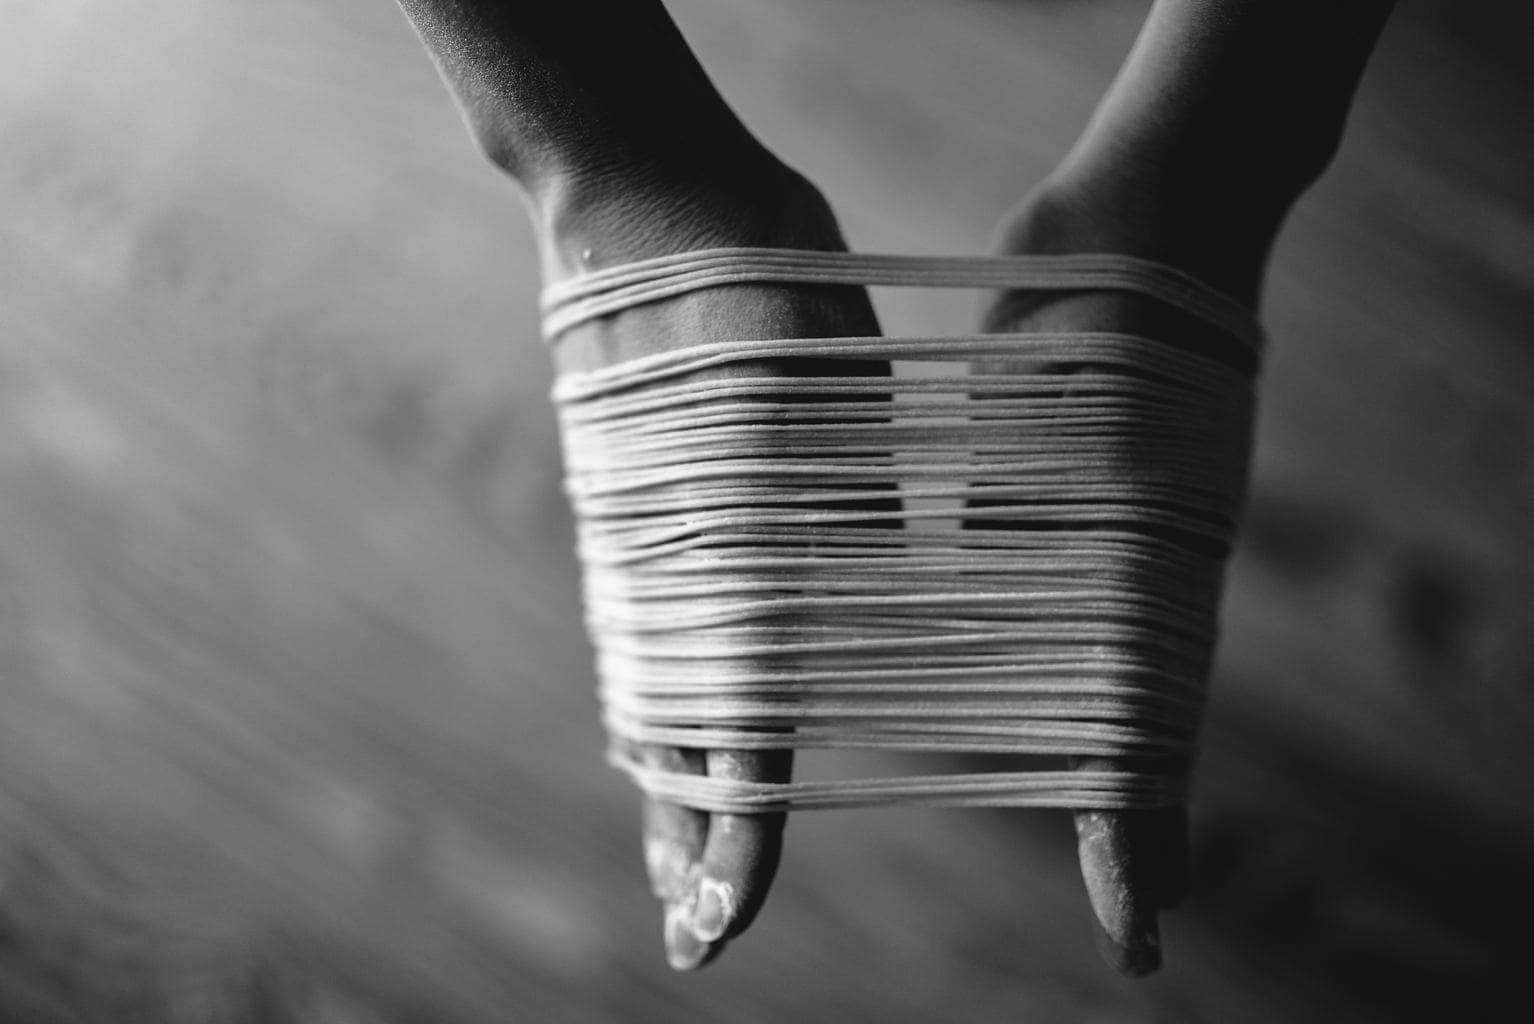 manos enredadas en hilo